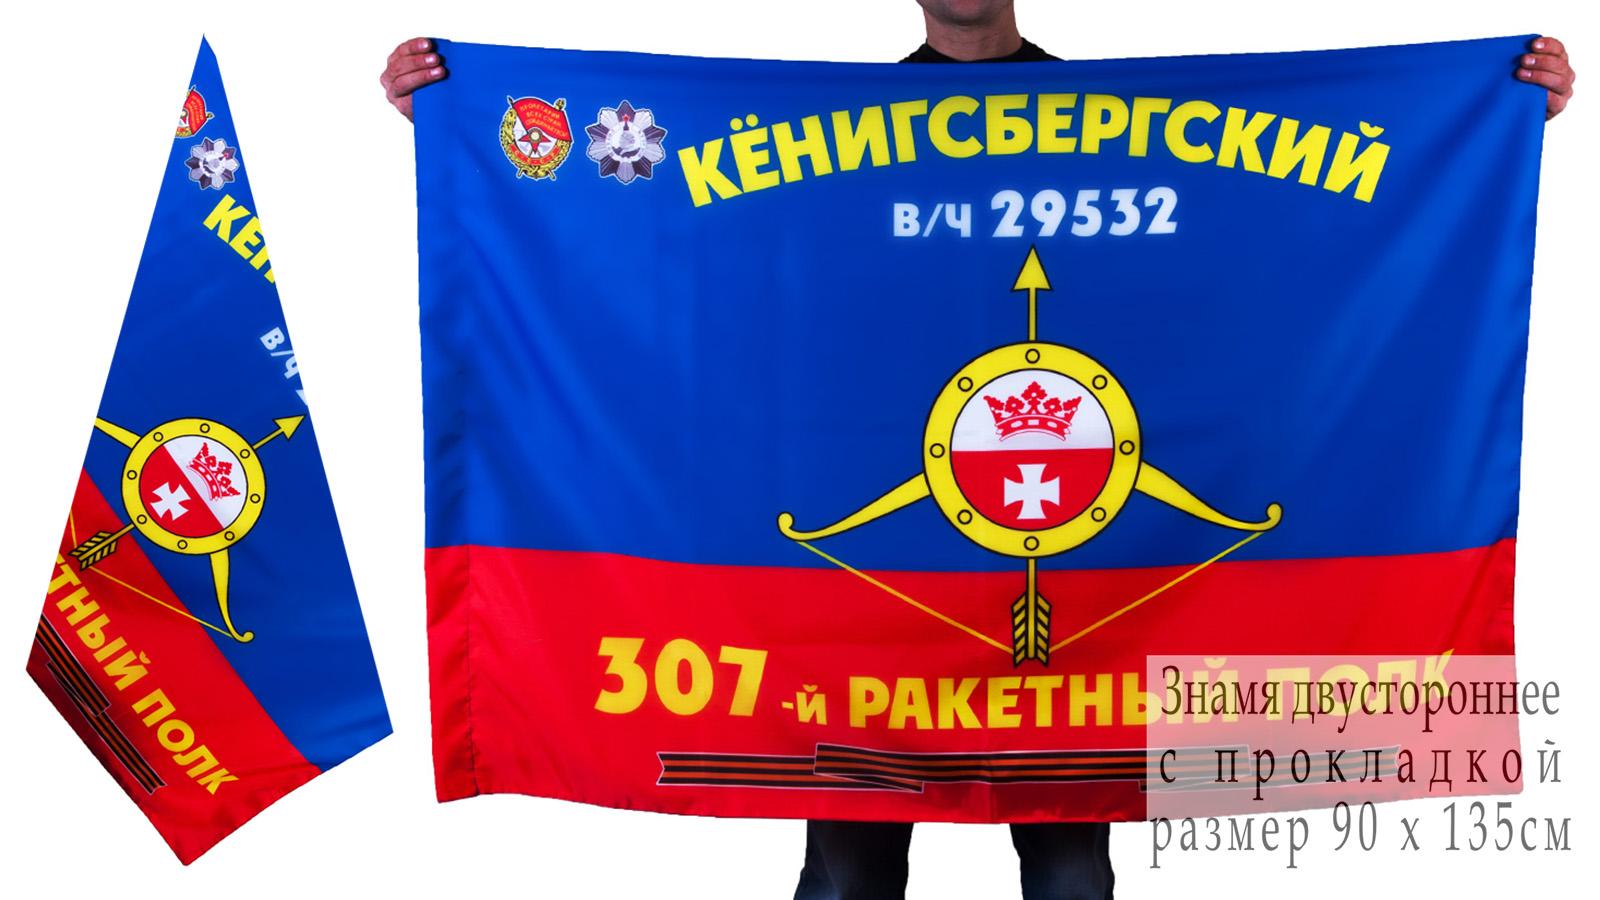 Знамя 307-го ракетного полка РВСН